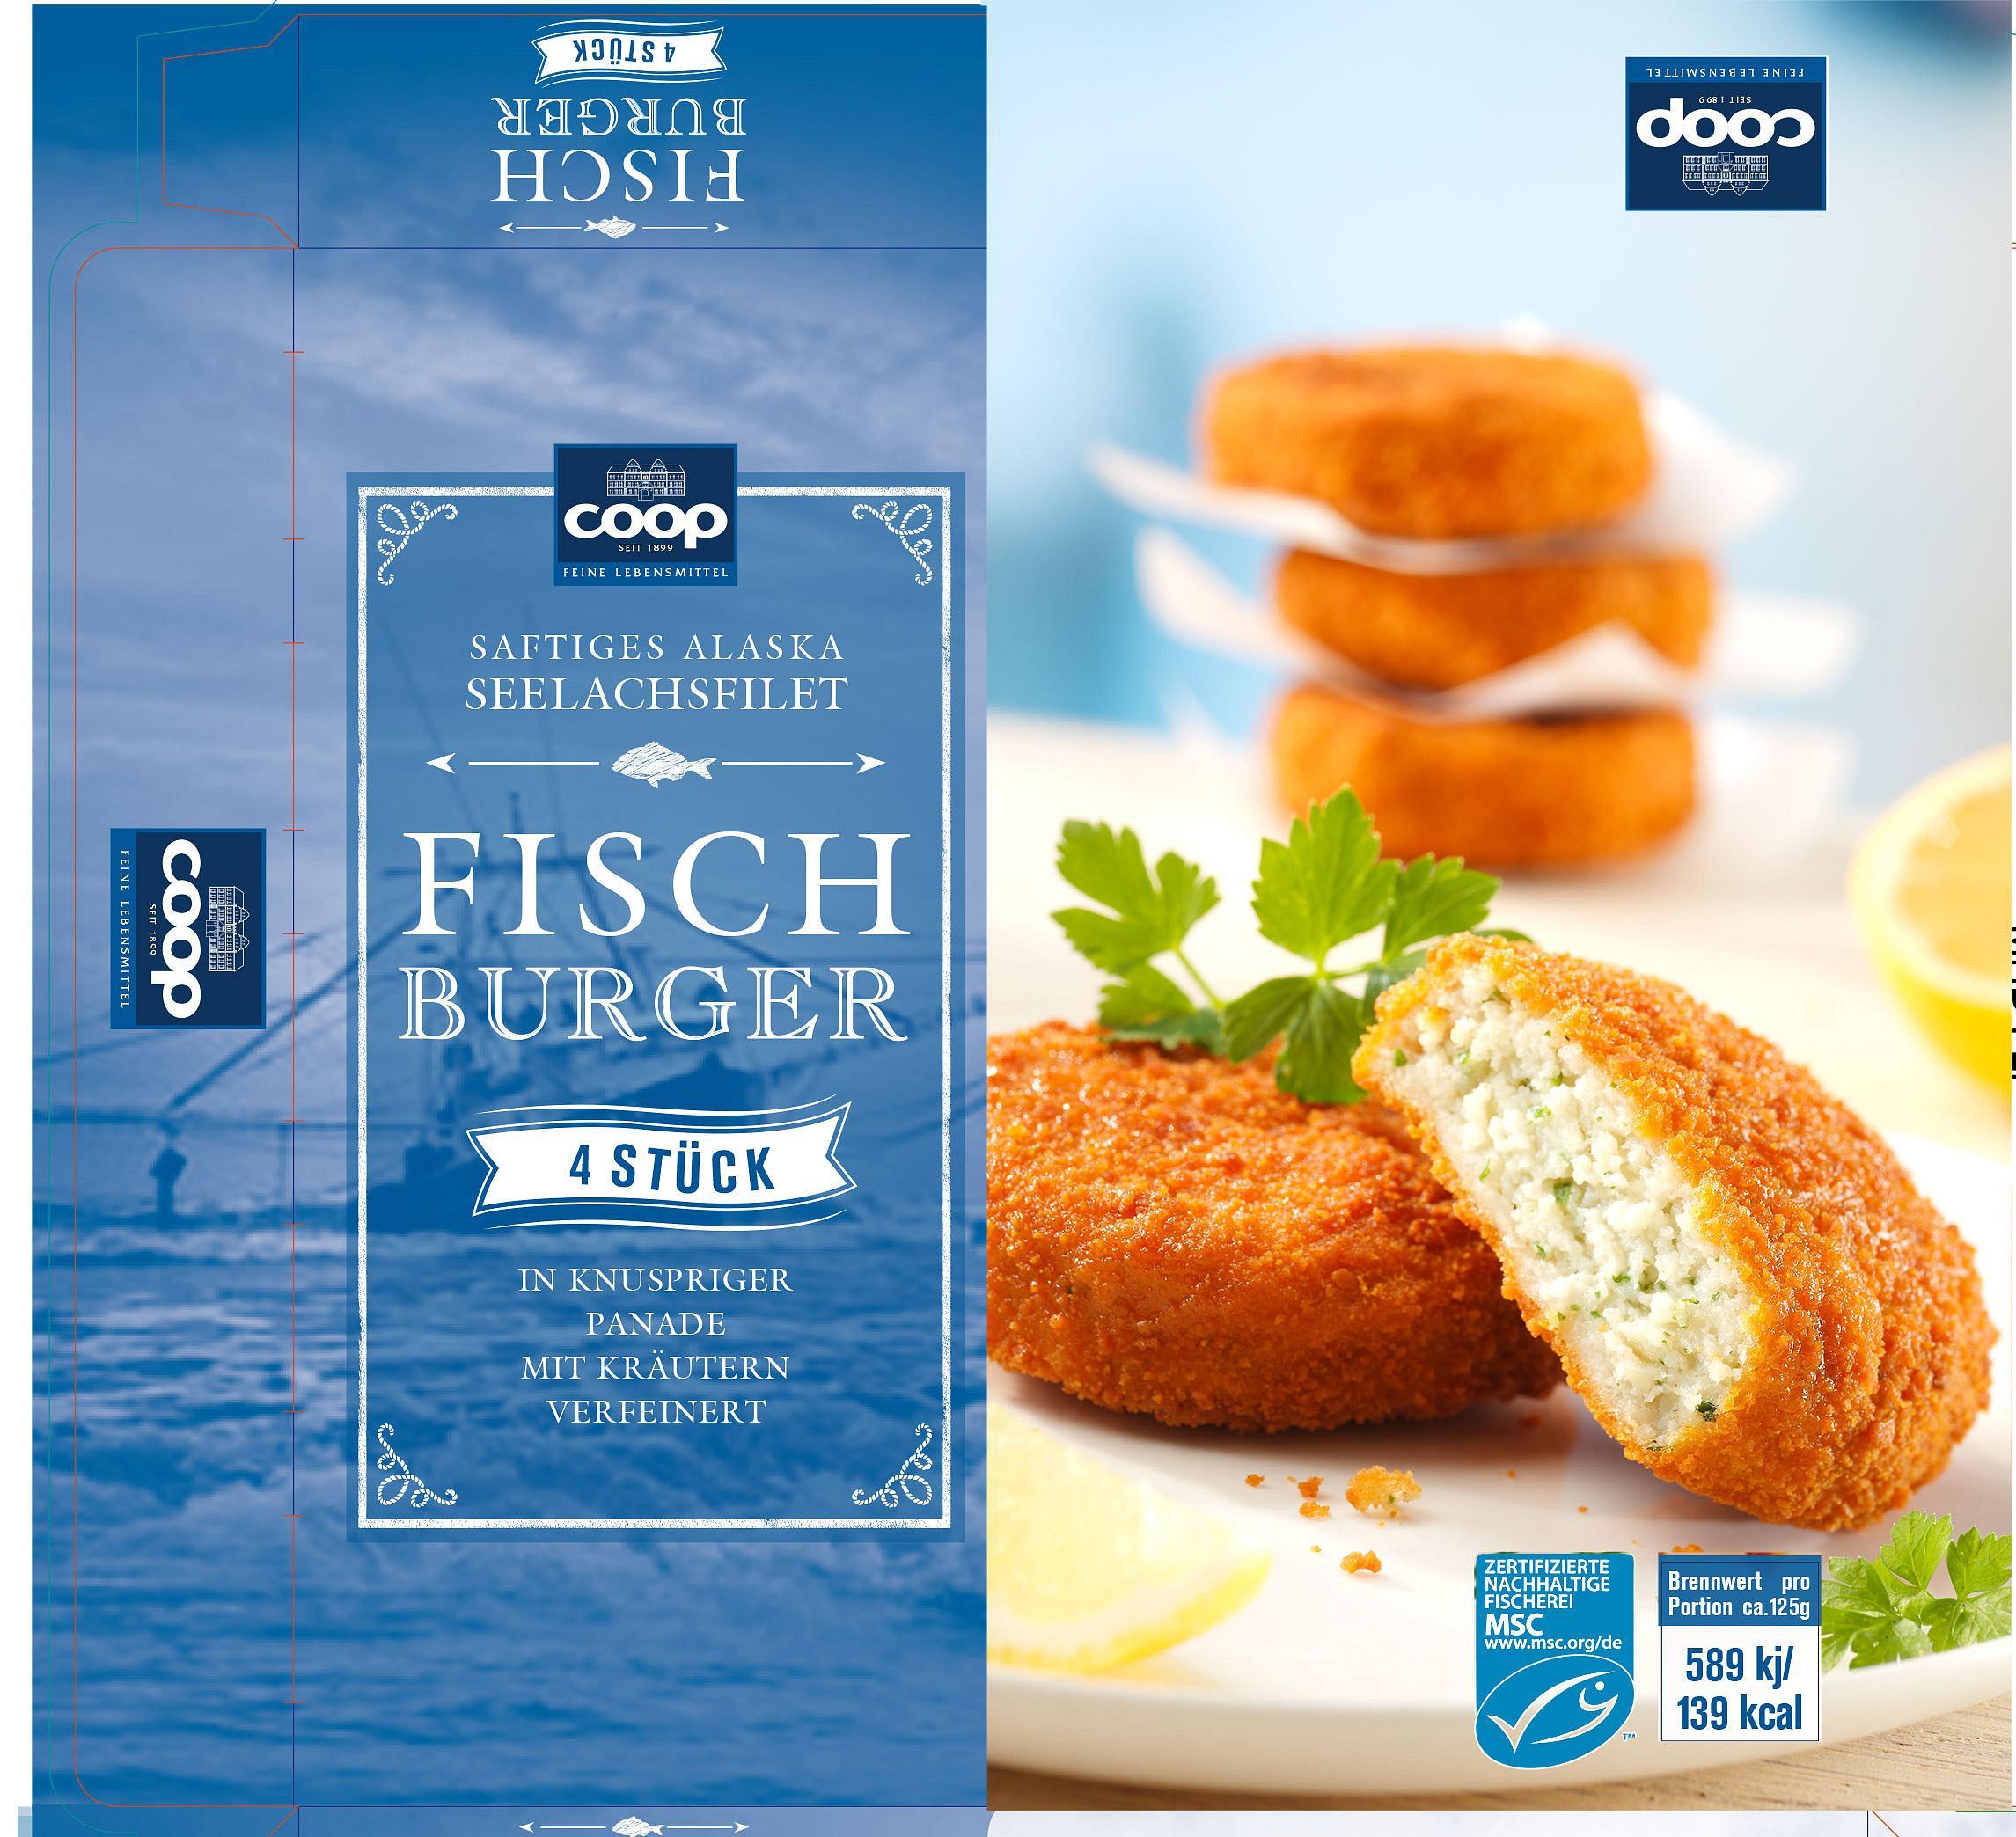 Coop Fischburger Verpackung